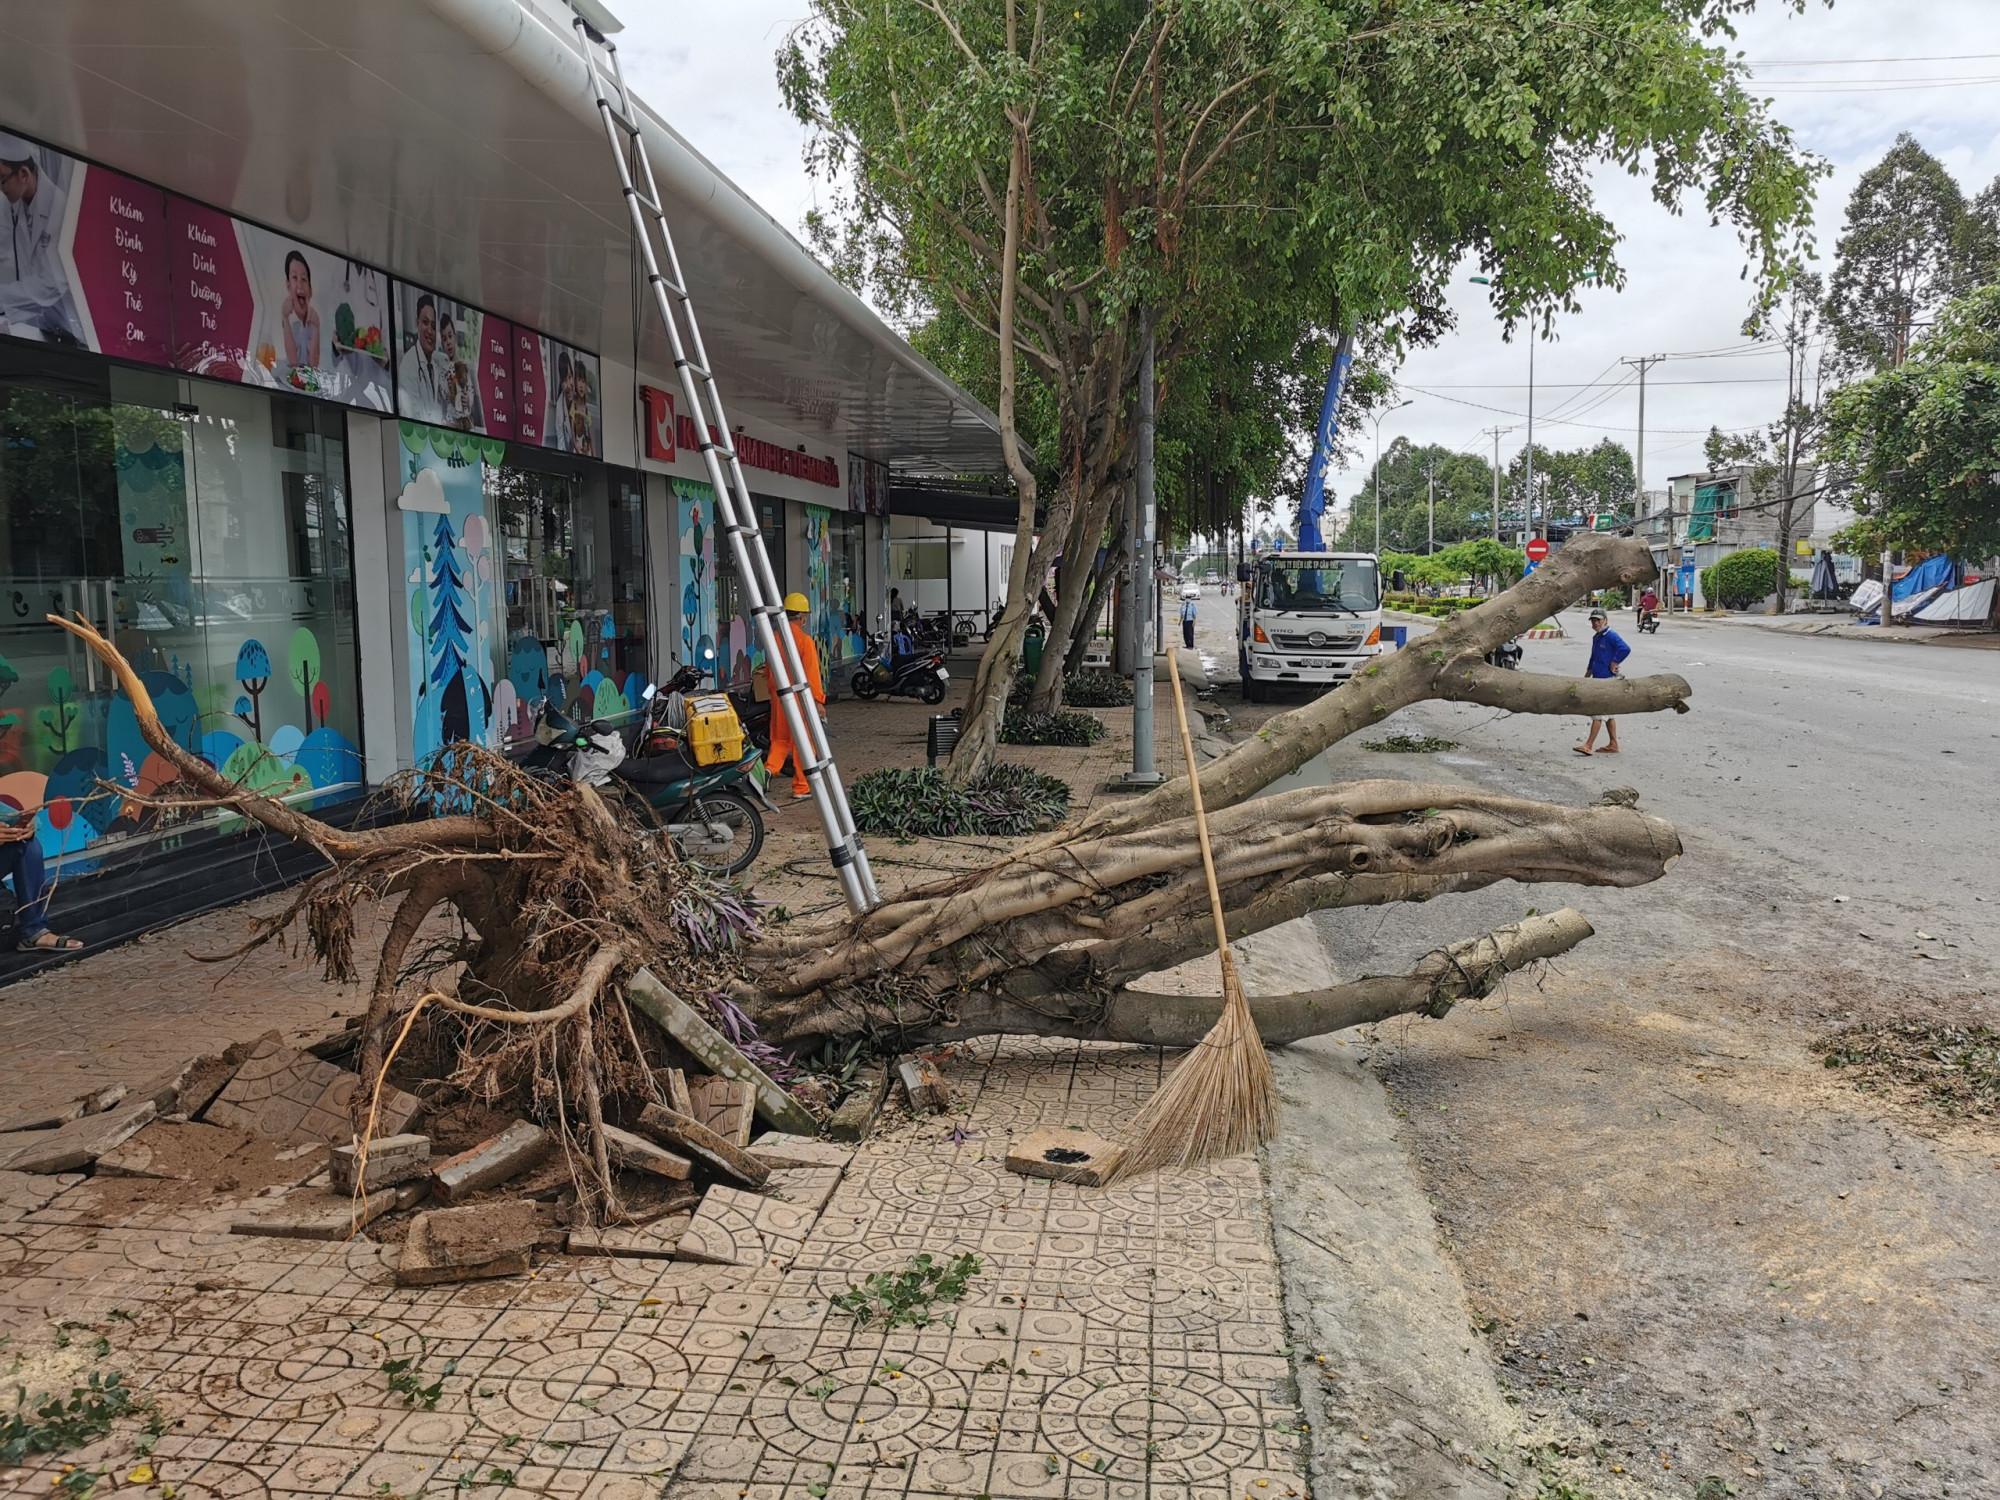 Trên đường Nguyễn Văn Cừ, một cây sanh cao khoảng 10m nằm trên vỉa hè bị gió làm bật gốc đổ ra đường.